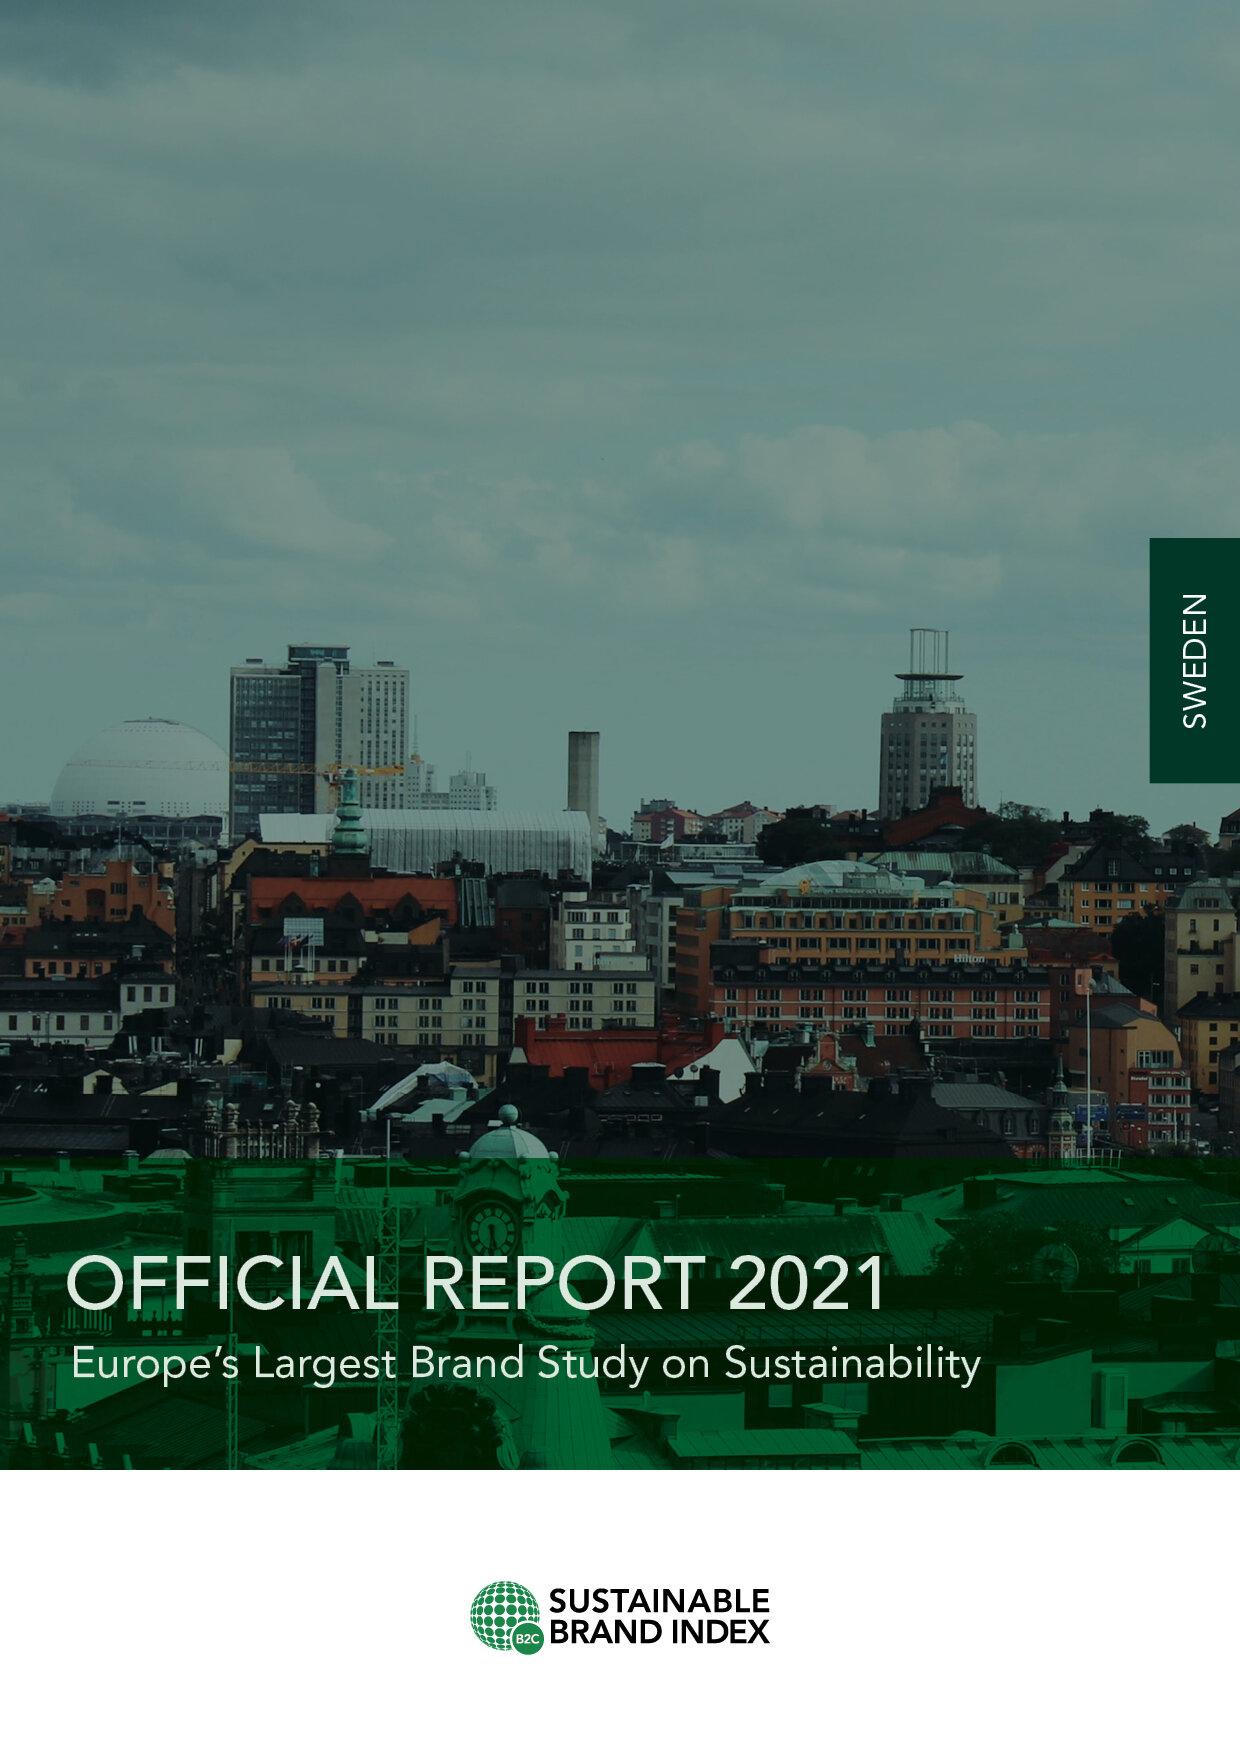 SE_Official Report_2021.jpg